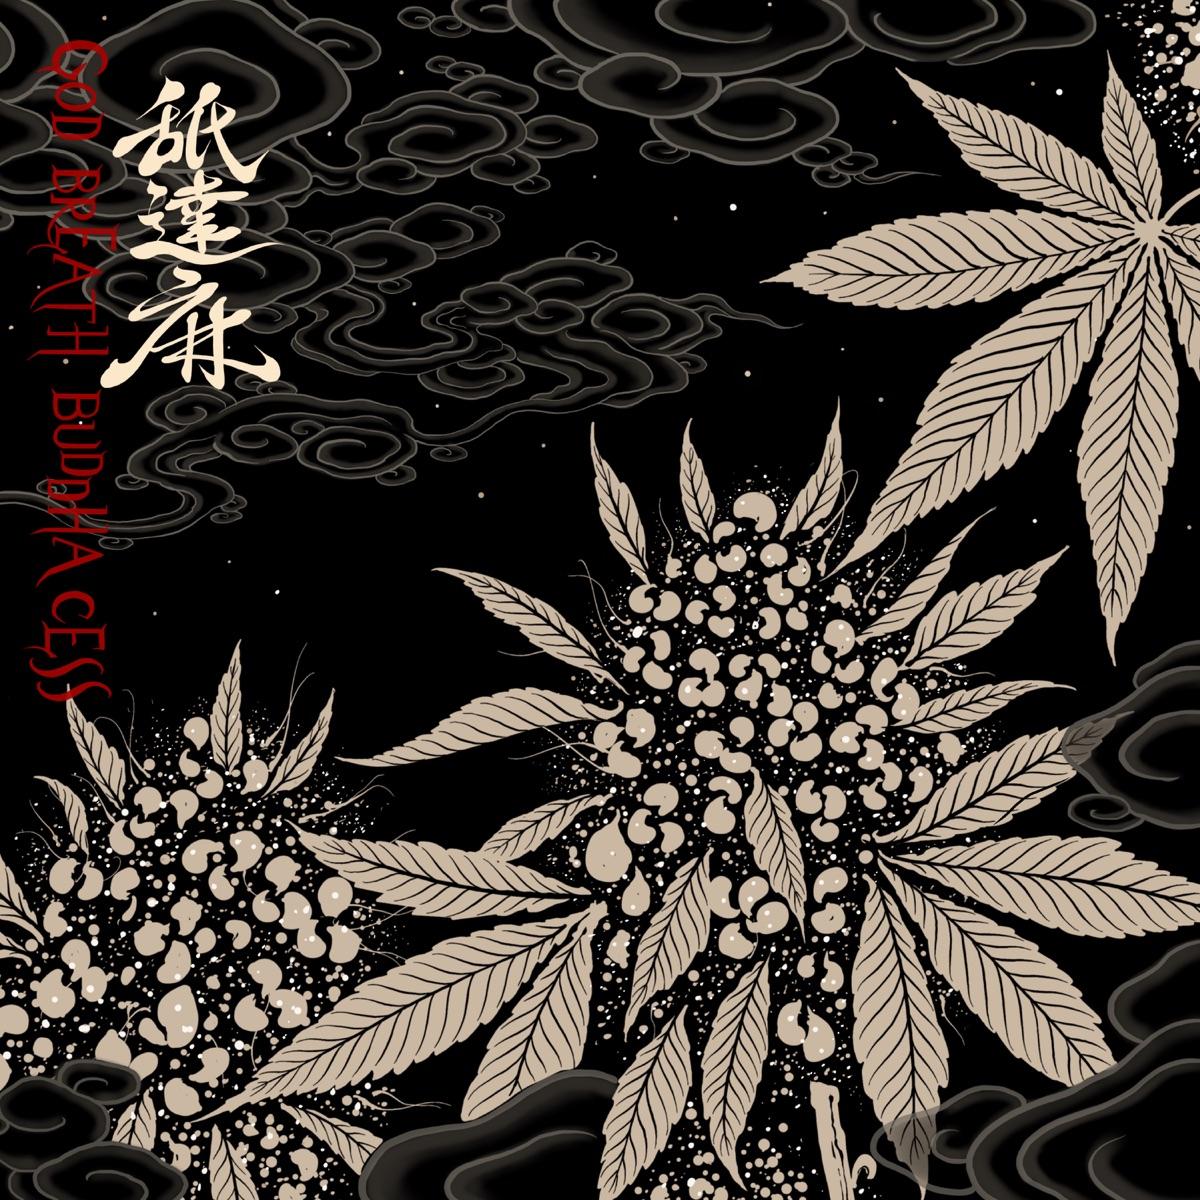 『舐達麻 - GOOD DAY』収録の『GODBREATH BUDDHACESS』ジャケット